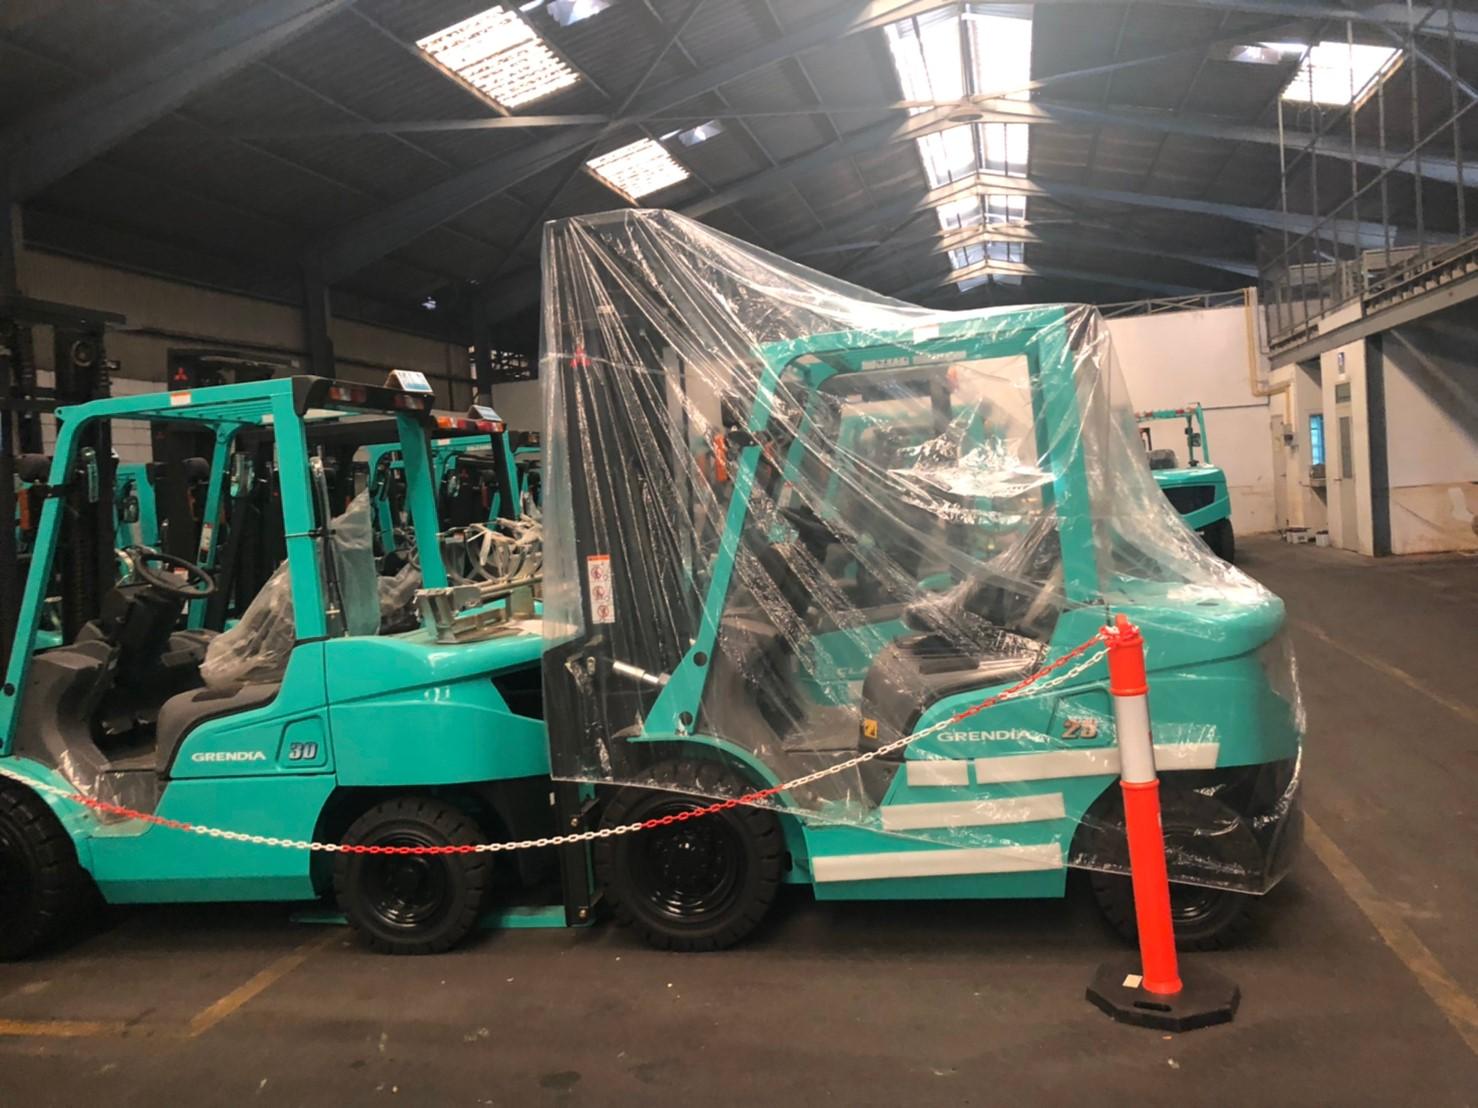 รูปตัวอย่างถุงพลาสติกขนาดใหญ่ผลิตและจำหน่ายโดยบริษัท ENDUPAK